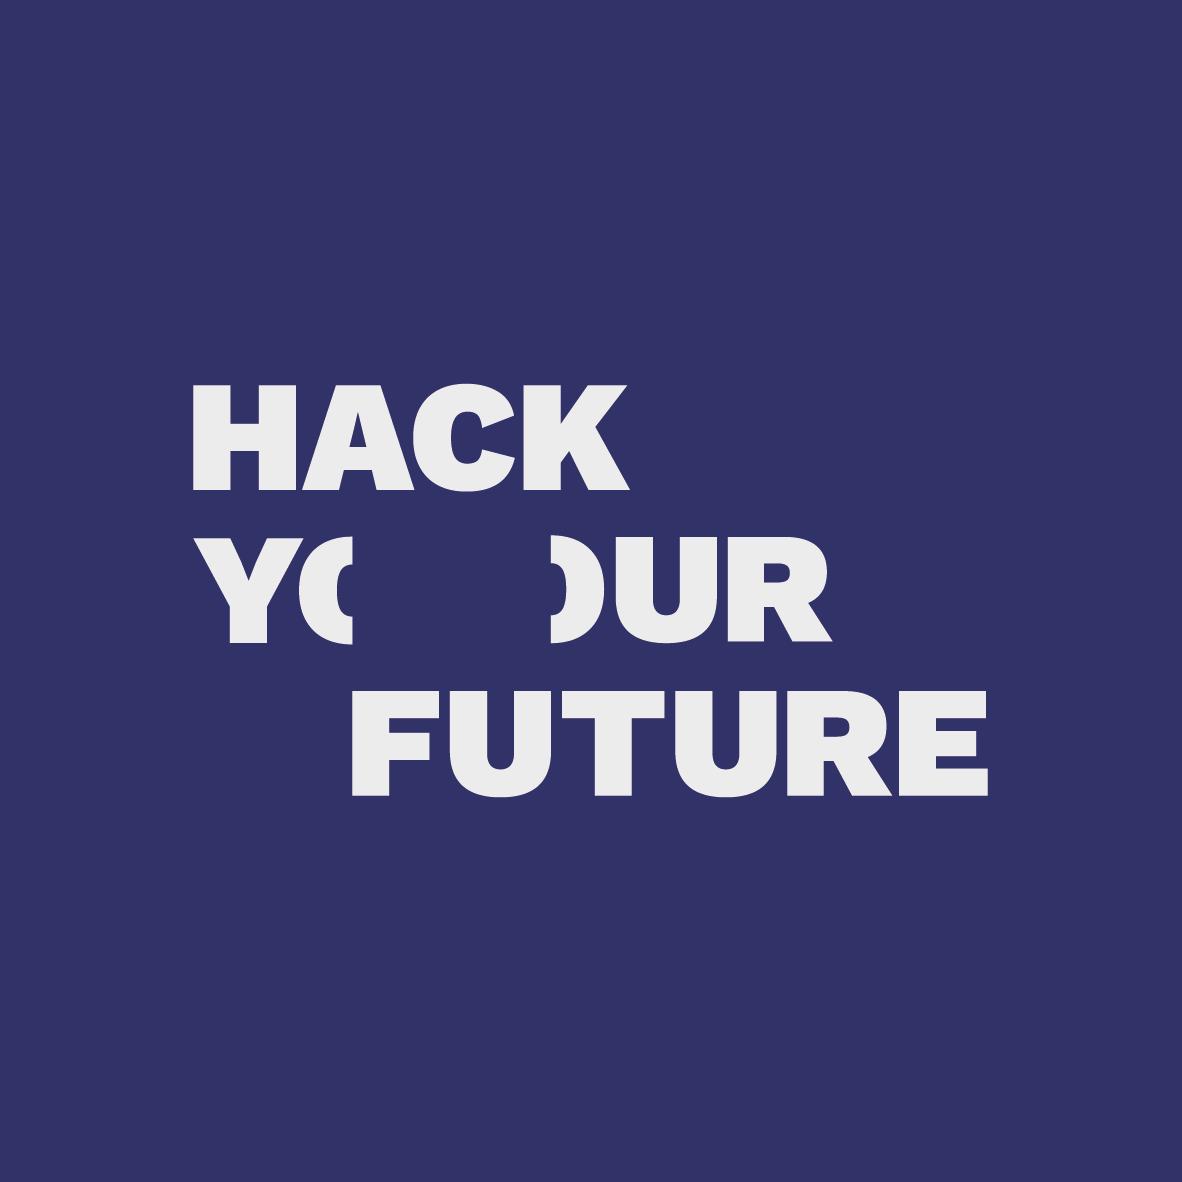 HackYourFuture  tilbyder asylansøgere en gratis IT- og programmeringsuddannelse.